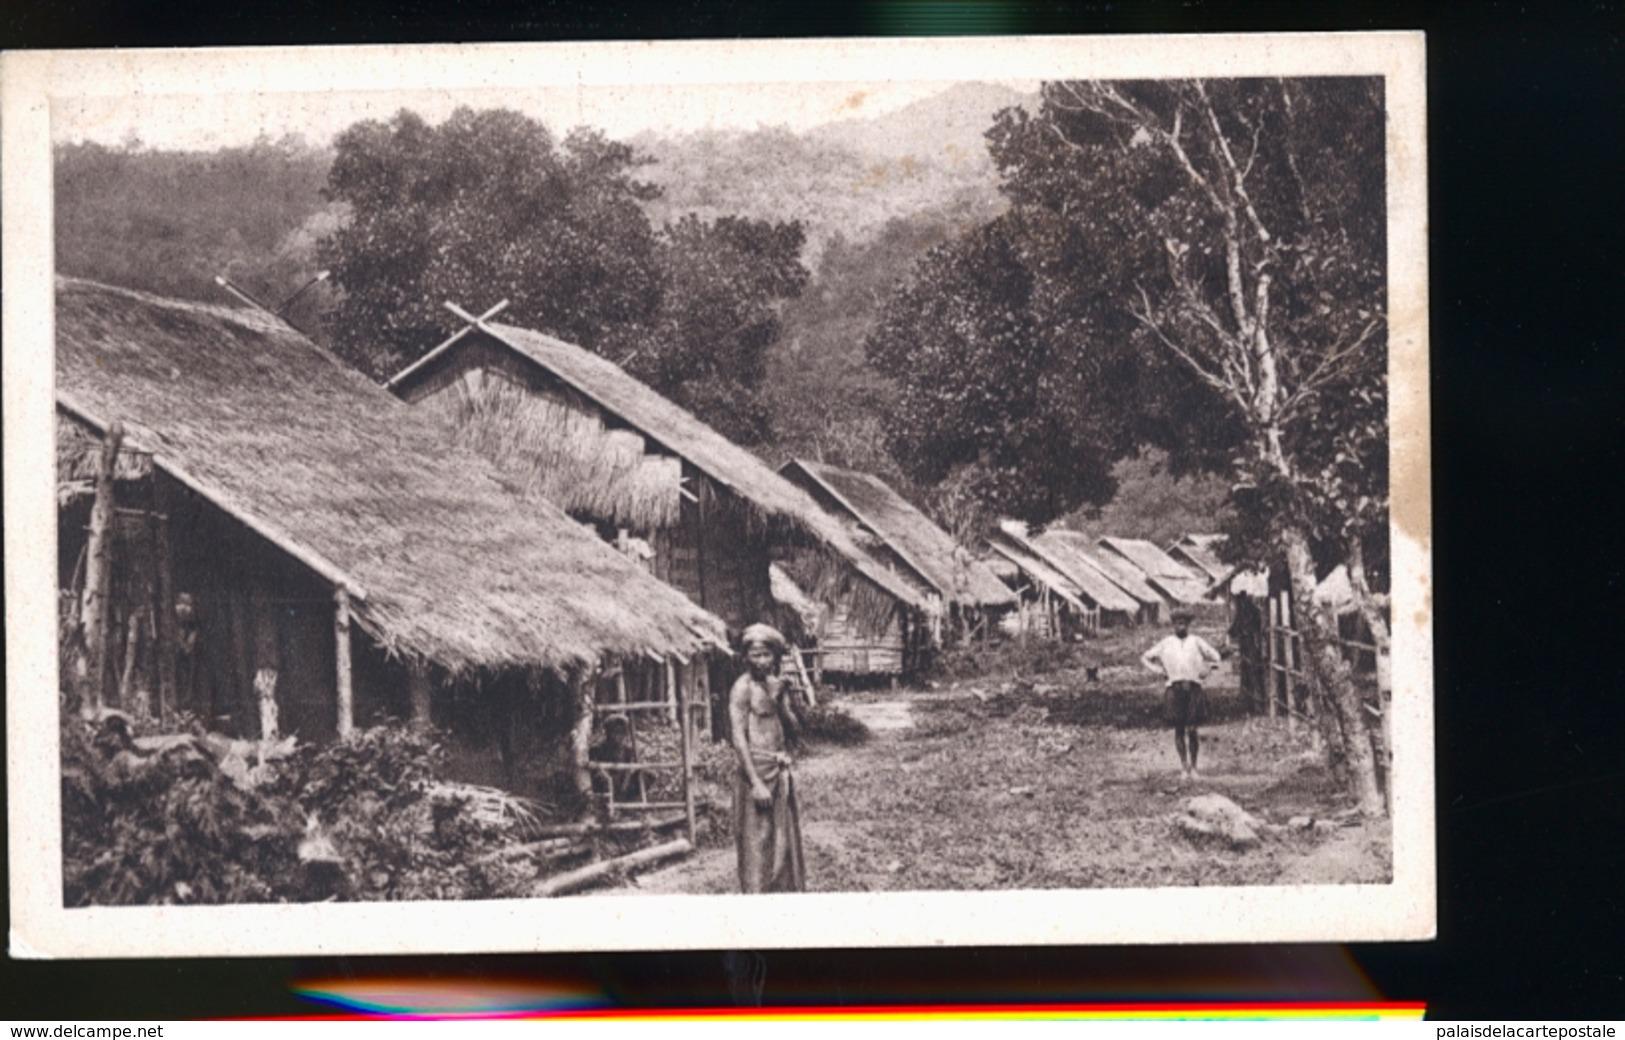 BIRMAN - Postcards